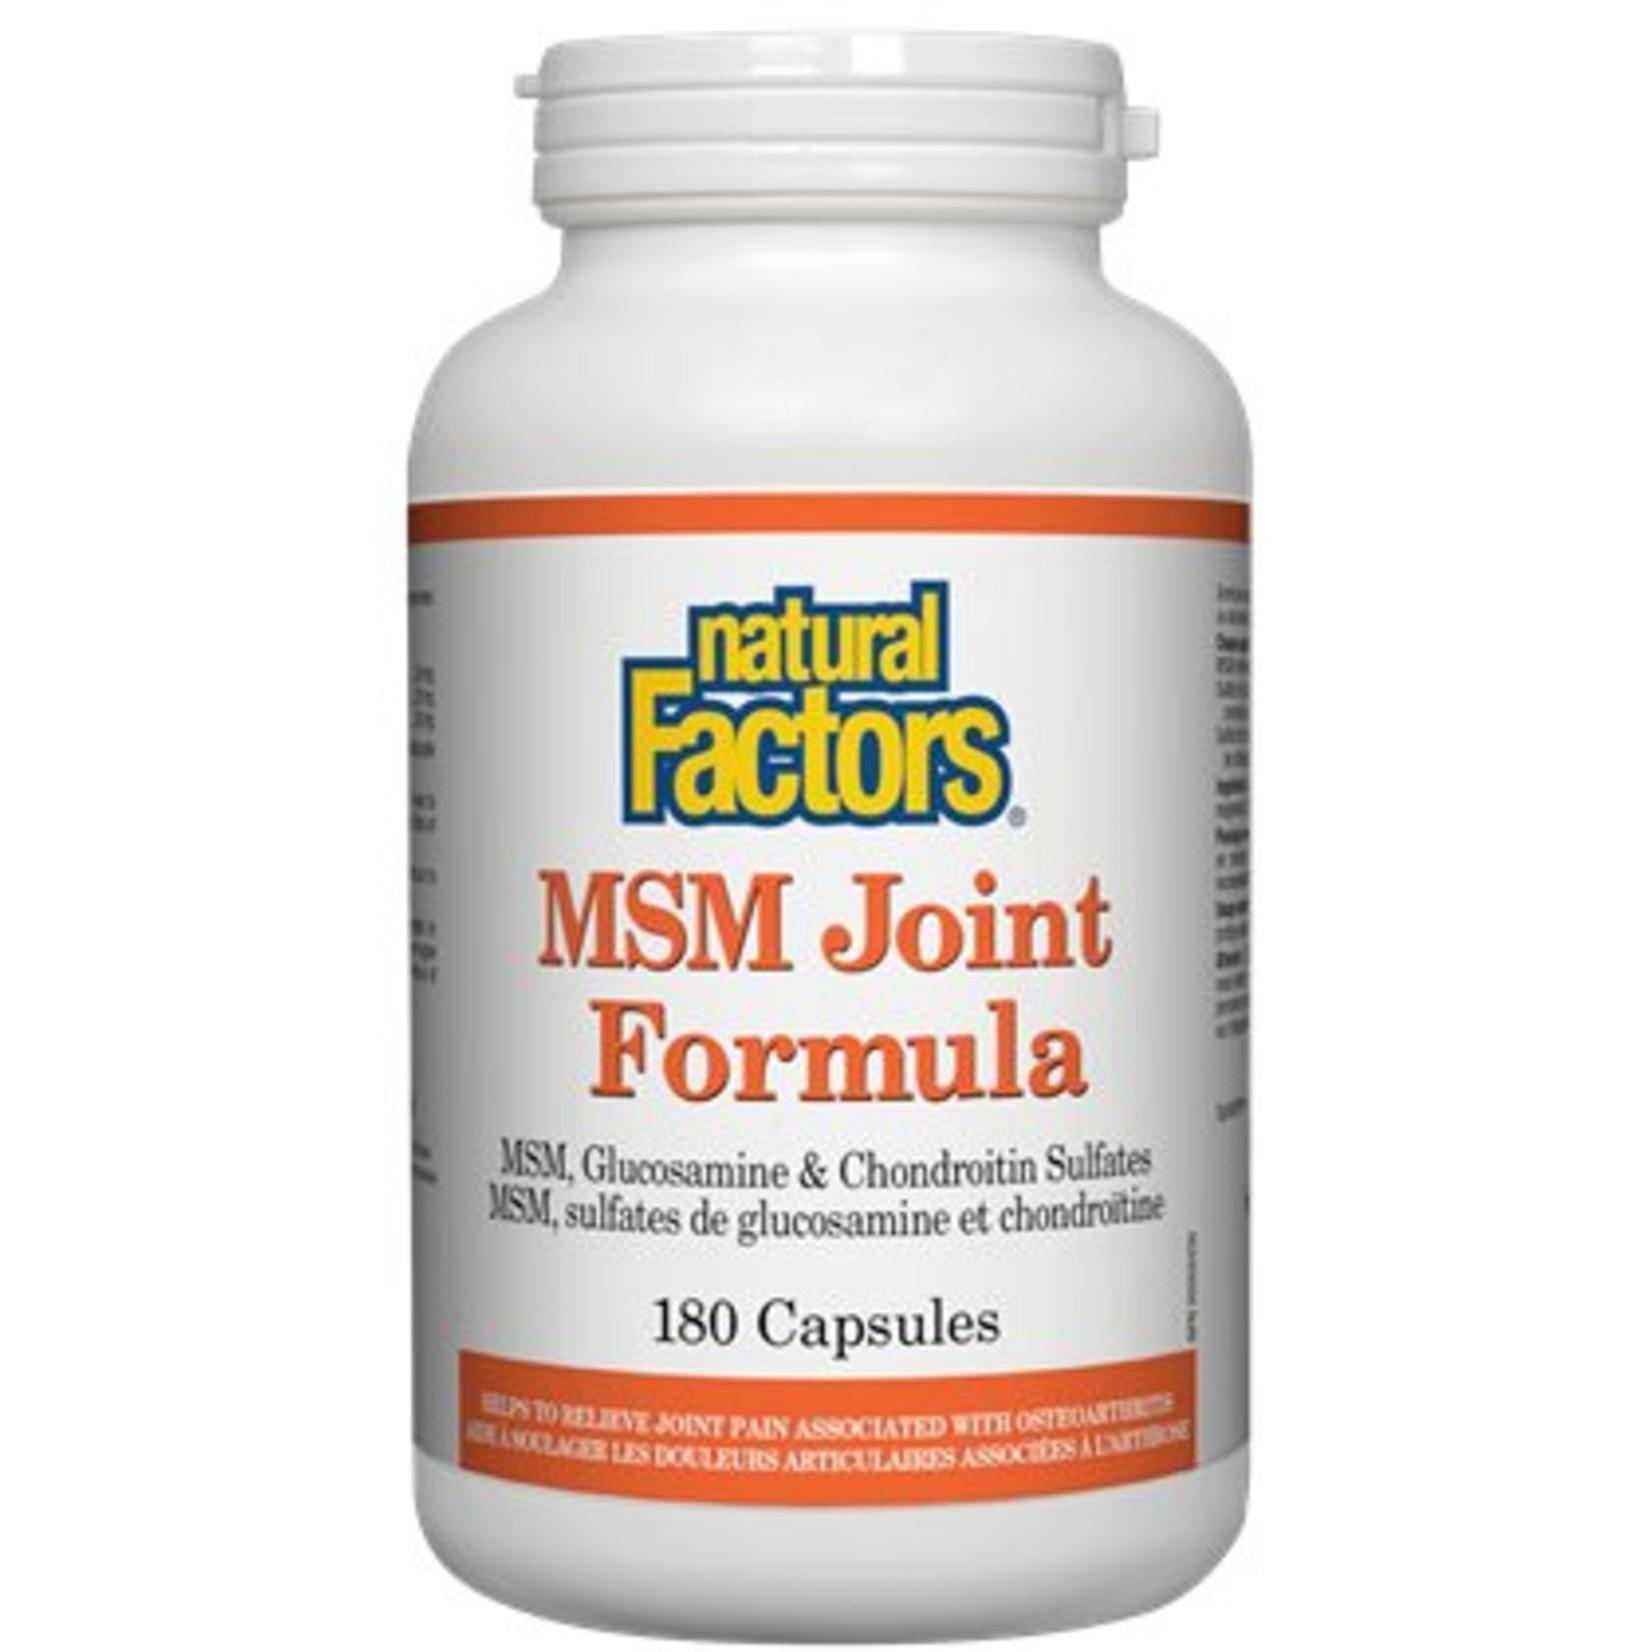 Natural Factors Natural Factors MSM Joint Formula Cap 180